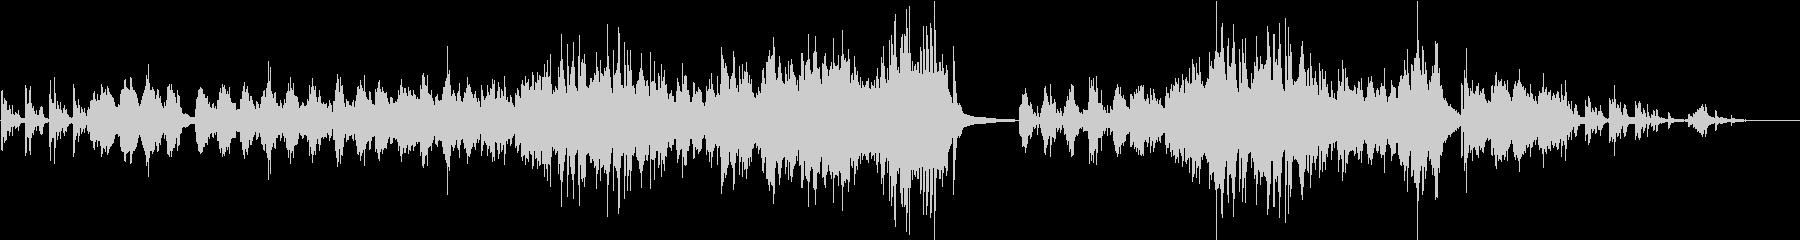 爽やかで優しいメロディが印象的なピアノ曲の未再生の波形